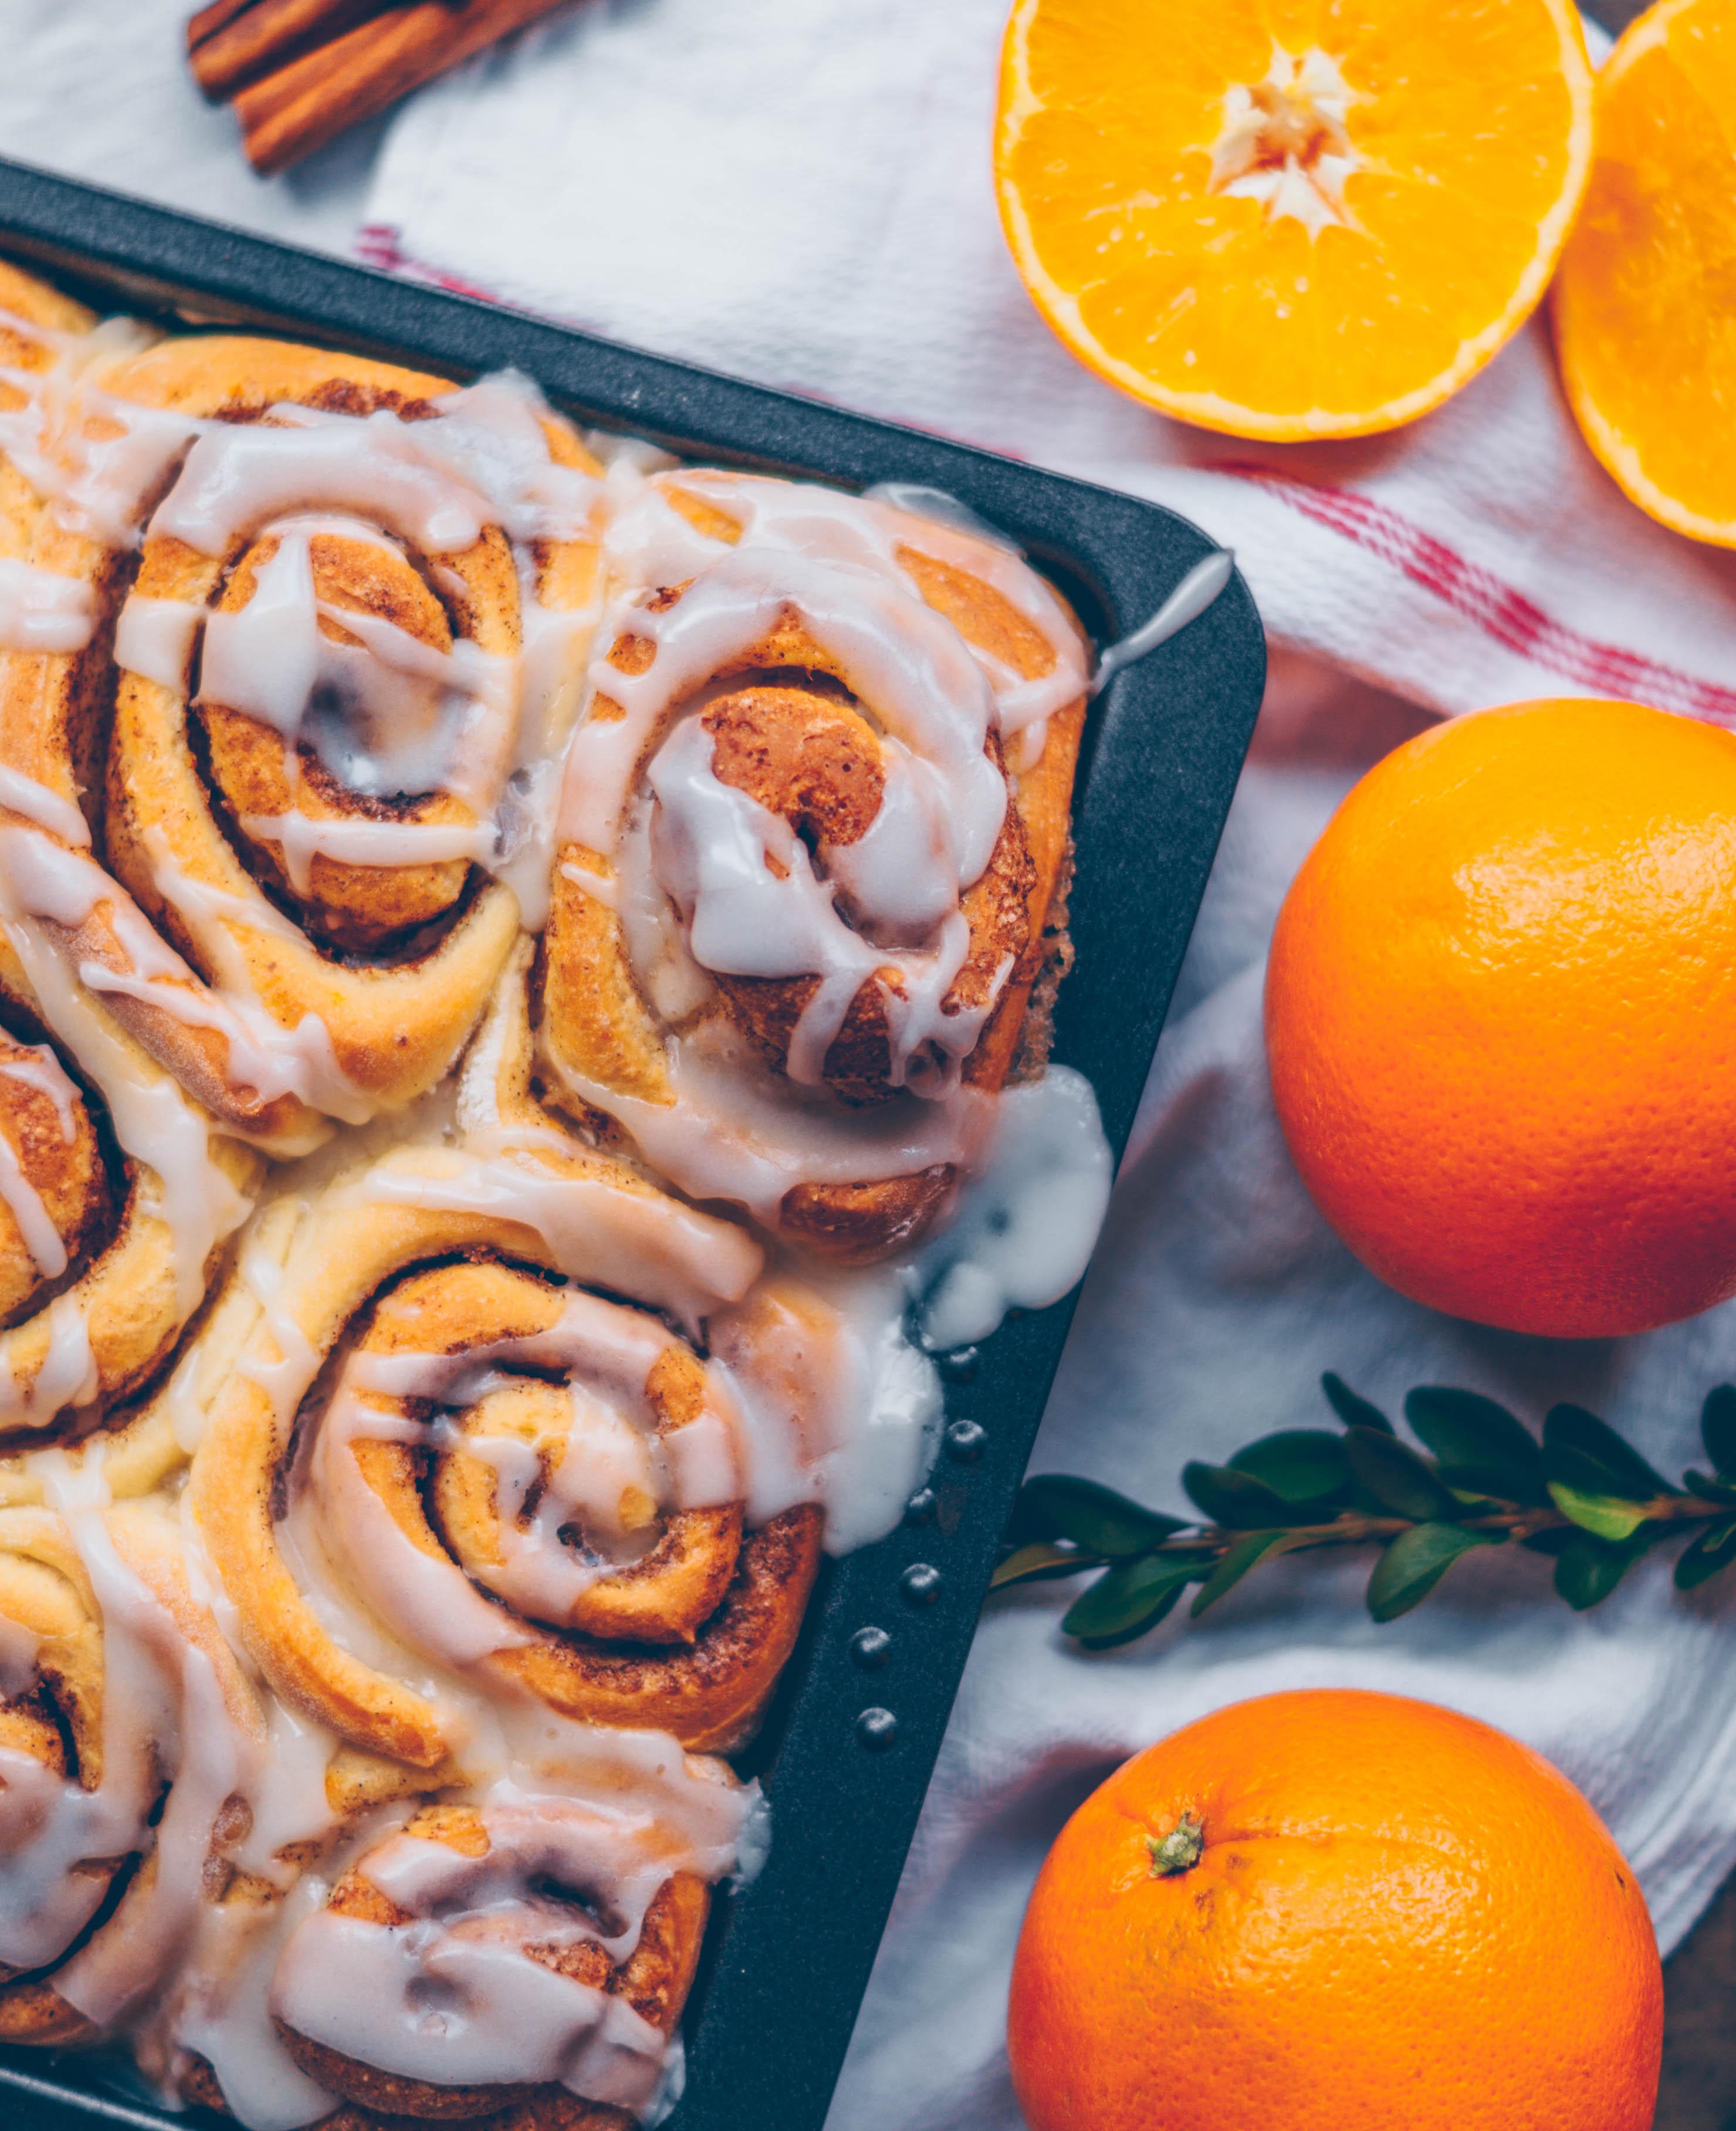 cinnamon orange rolls